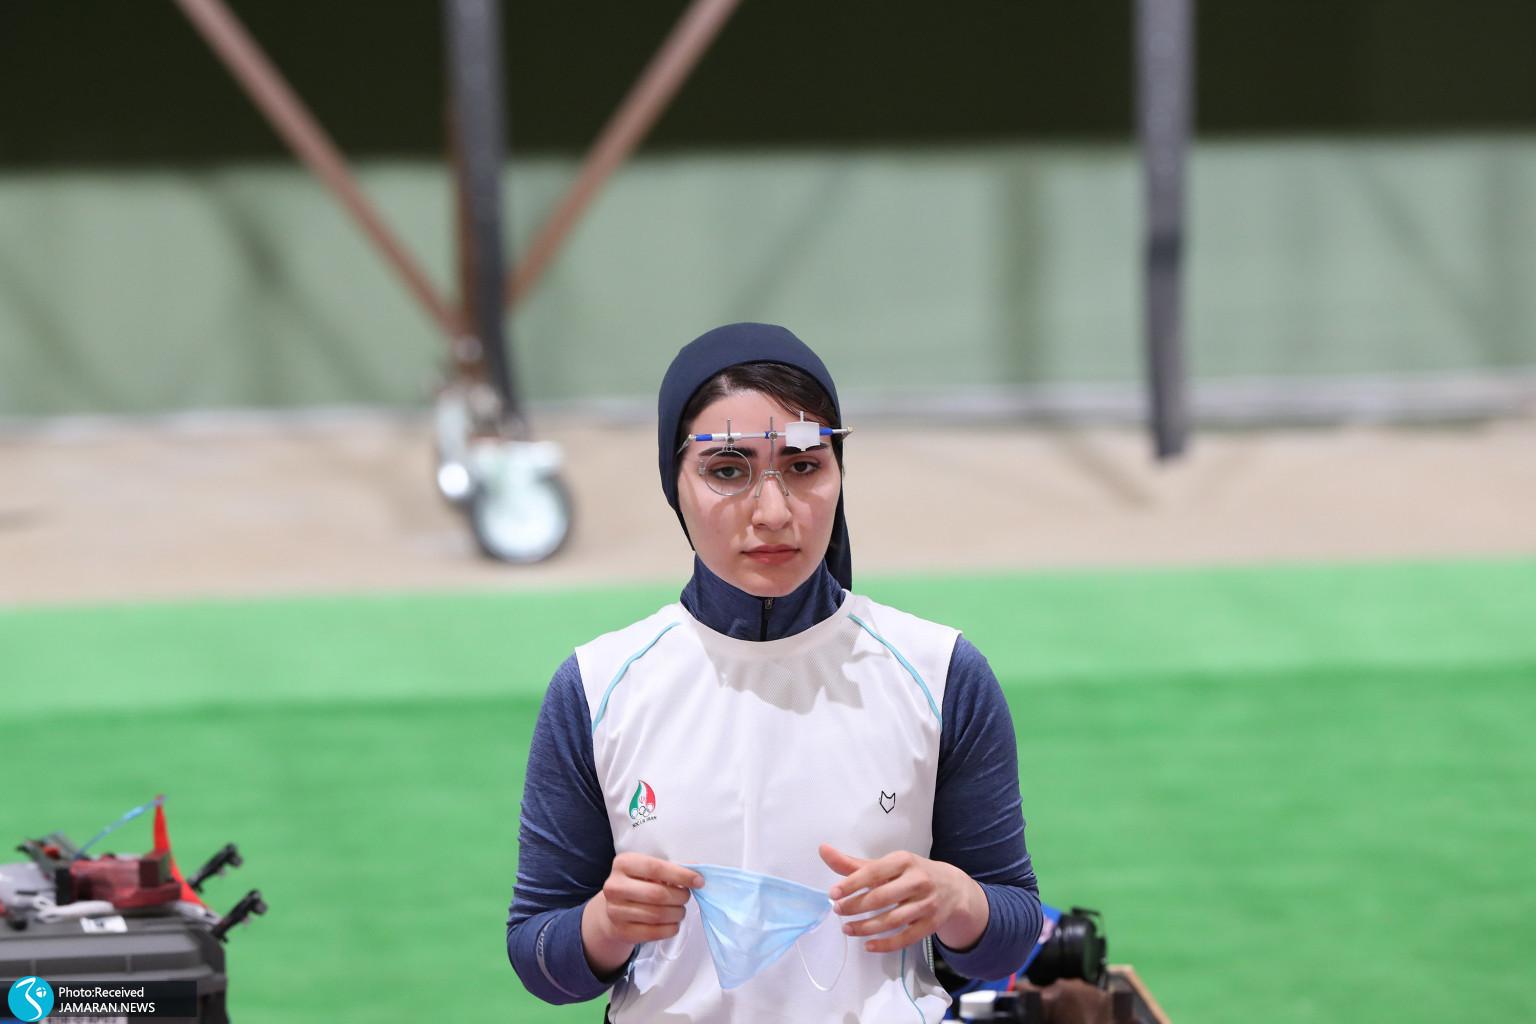 میکس تپانچه ایران در المپیک هانیه رستمیان